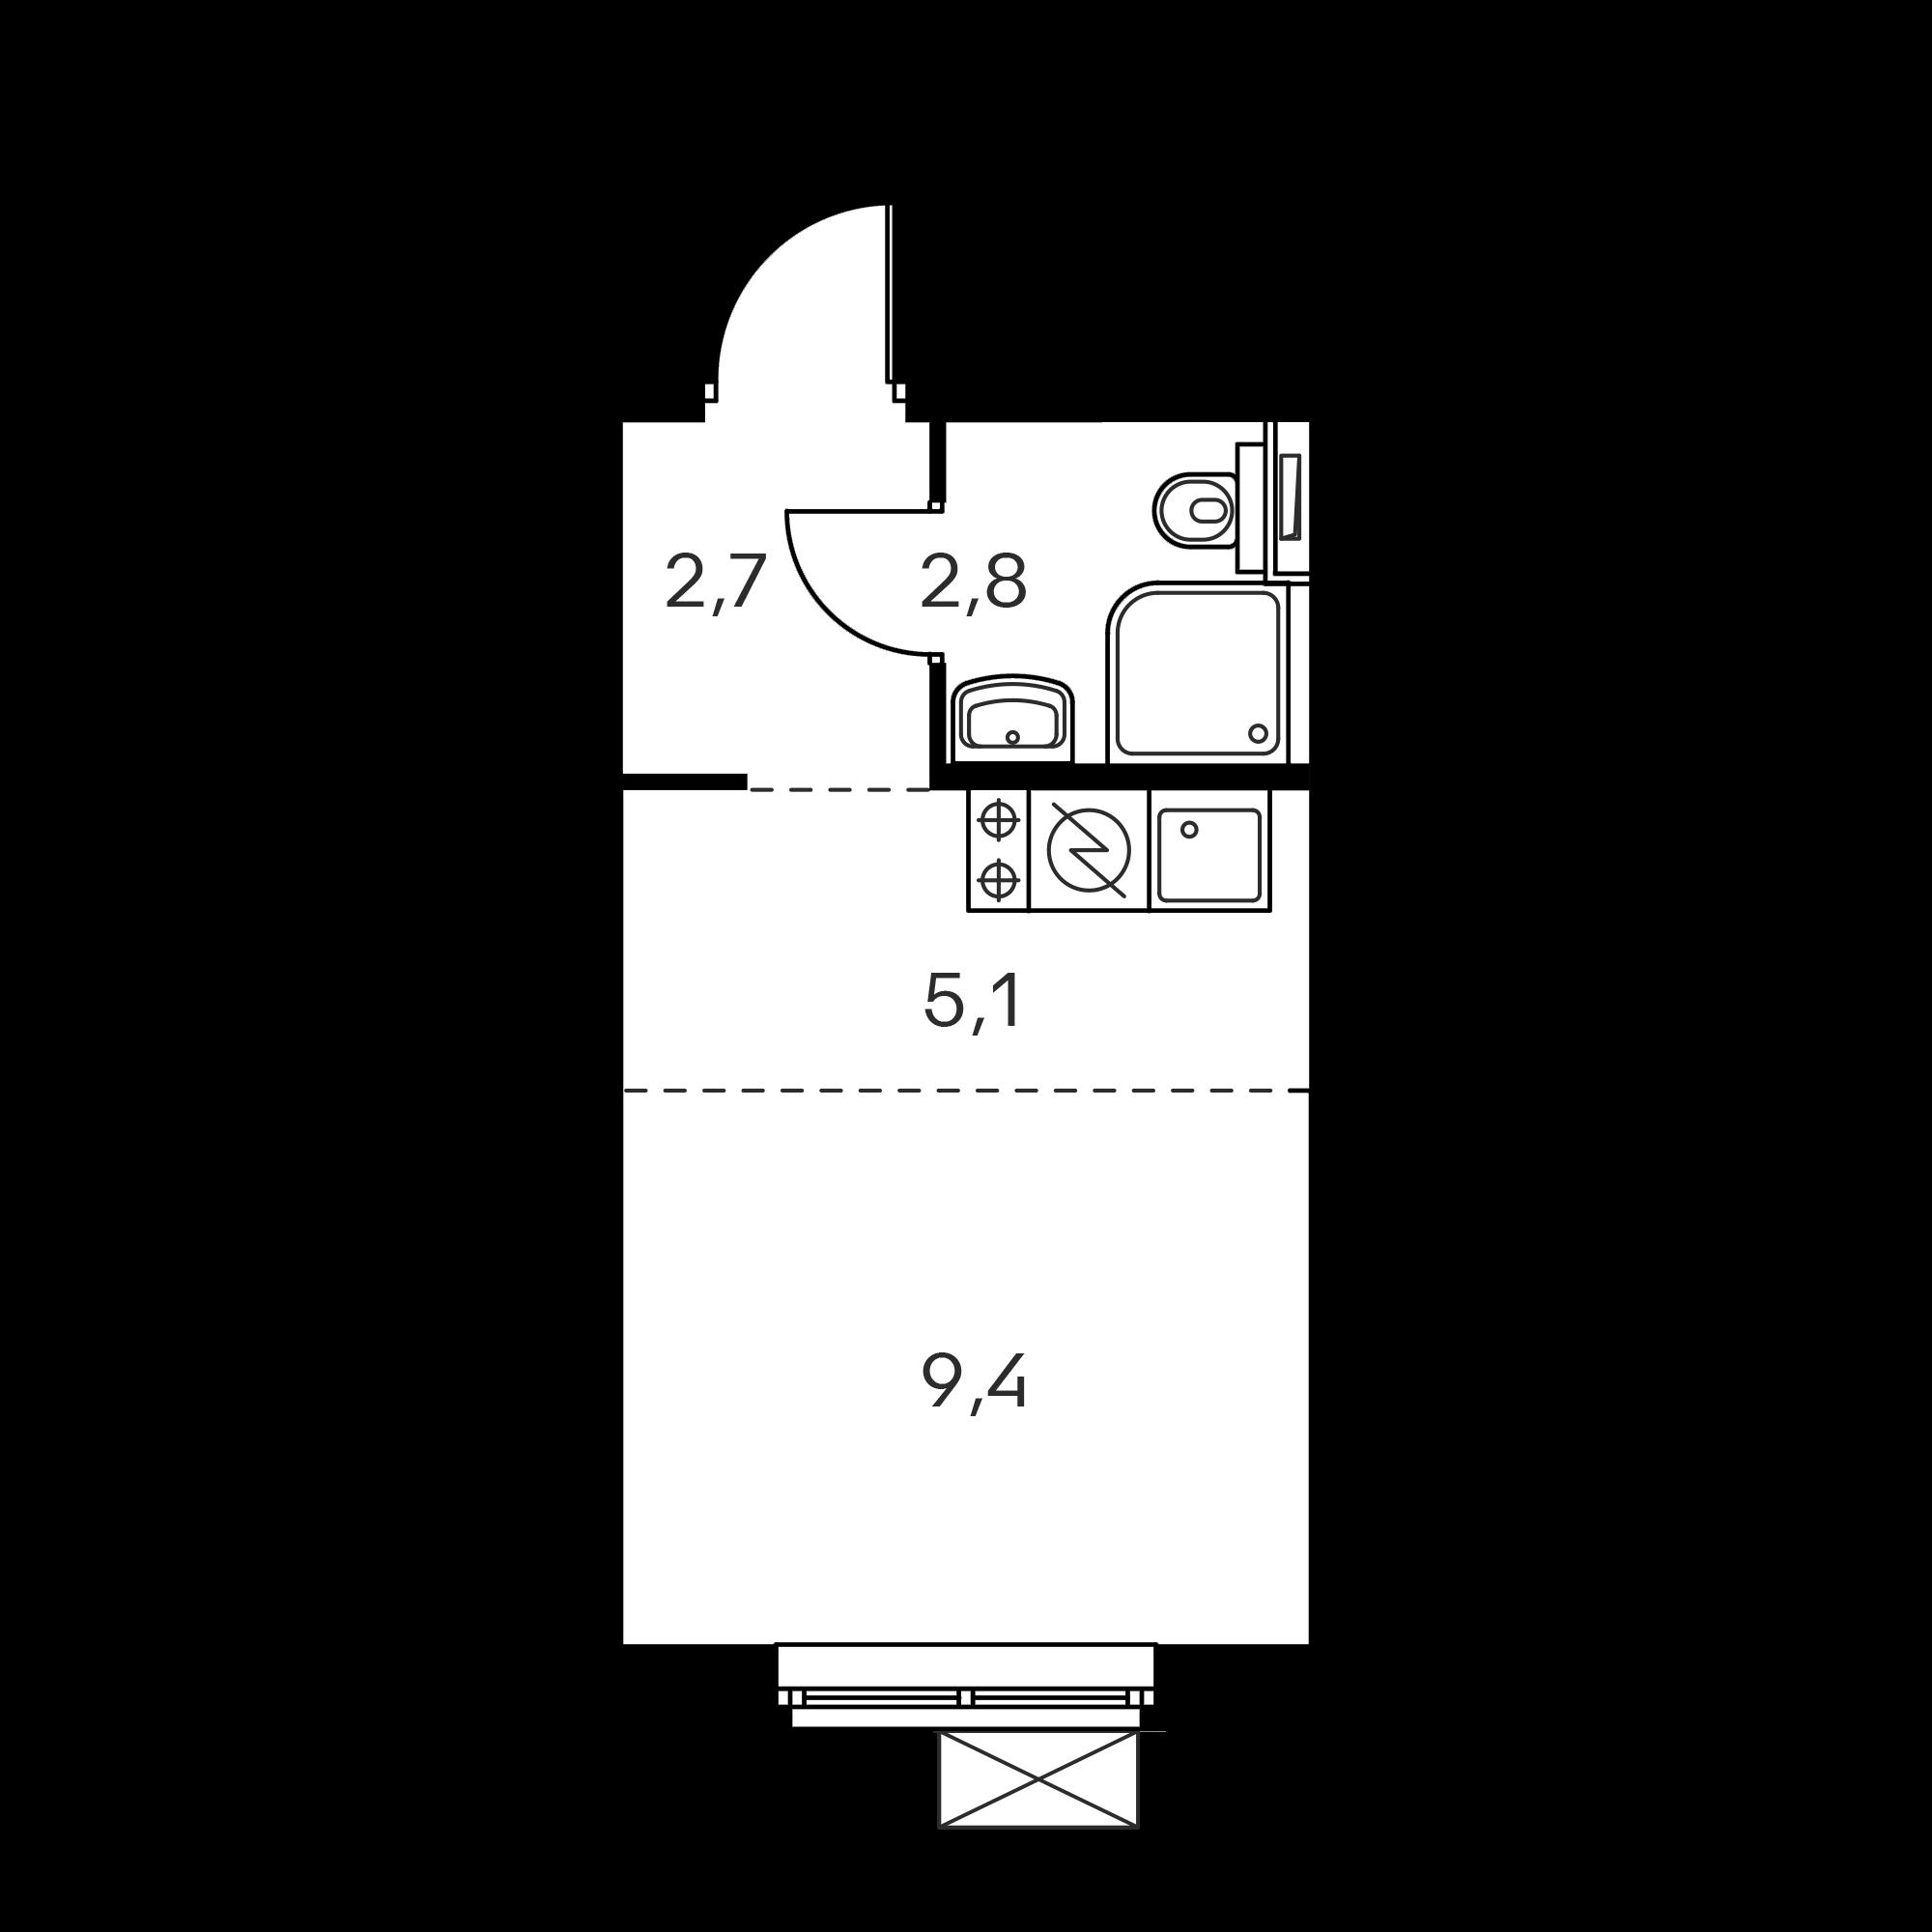 1NS1_3.6-1_S_A-7